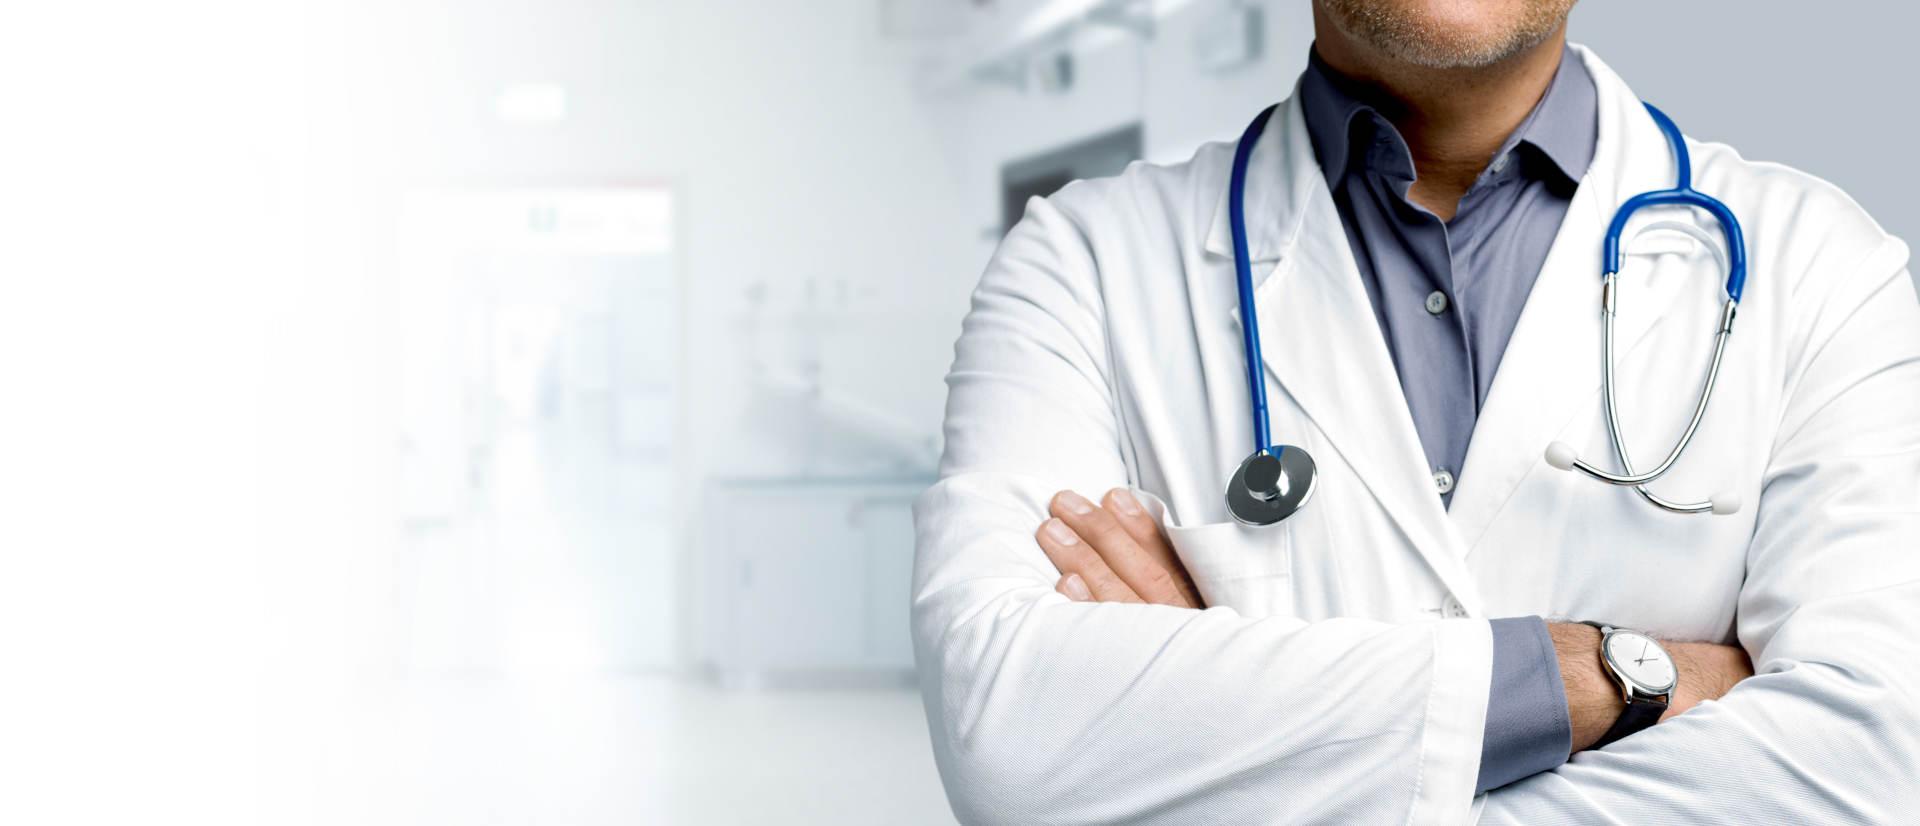 Lekarz w kitlu z przewieszonym stetoskopem przez szyję